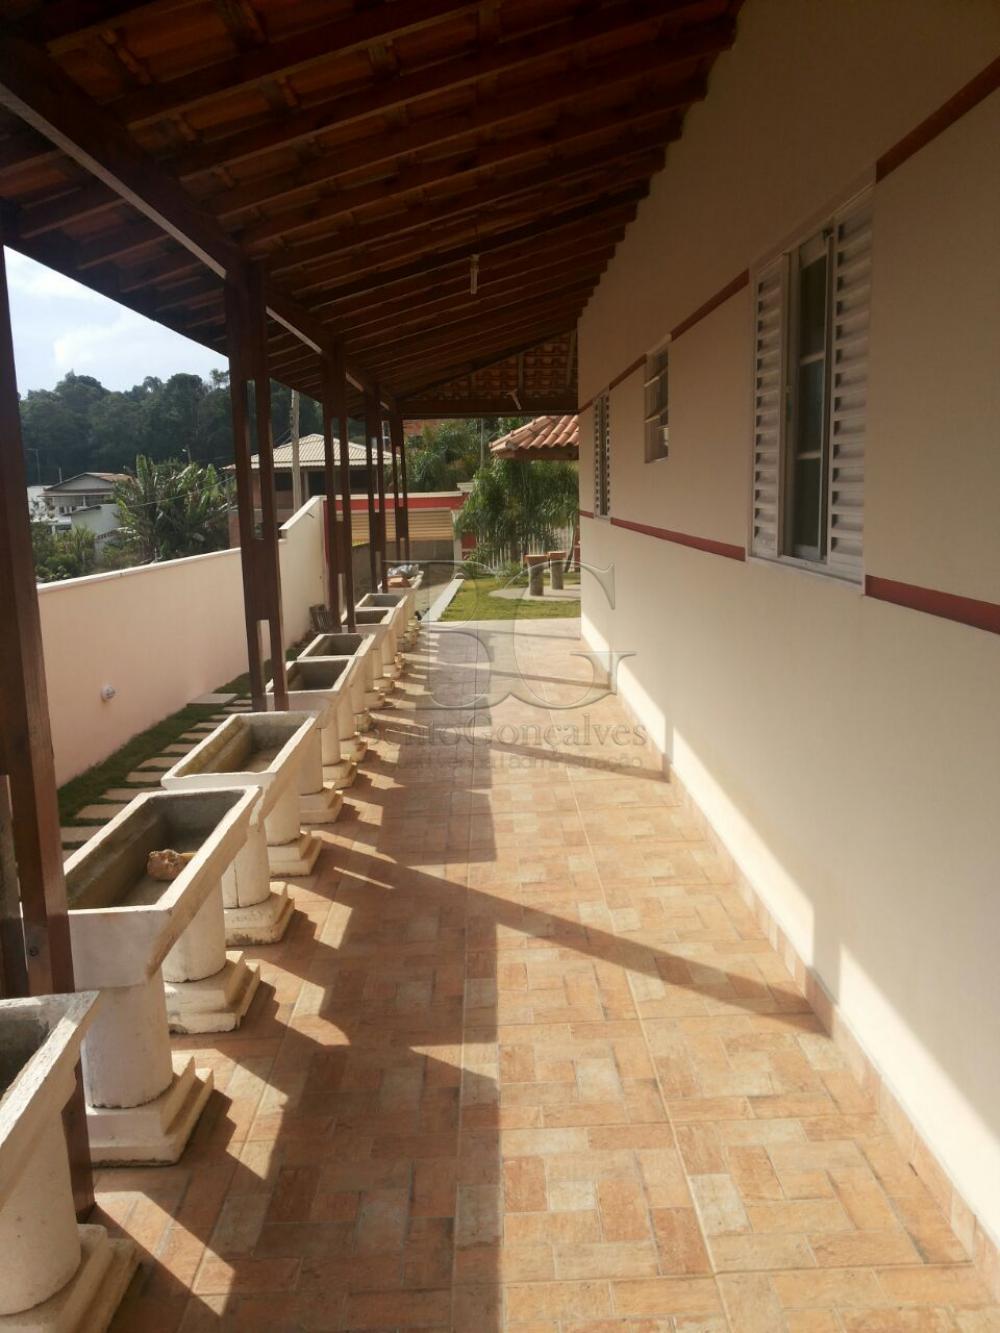 Comprar Rurais / Chácara em Laranjeiras de Caldas apenas R$ 270.000,00 - Foto 10